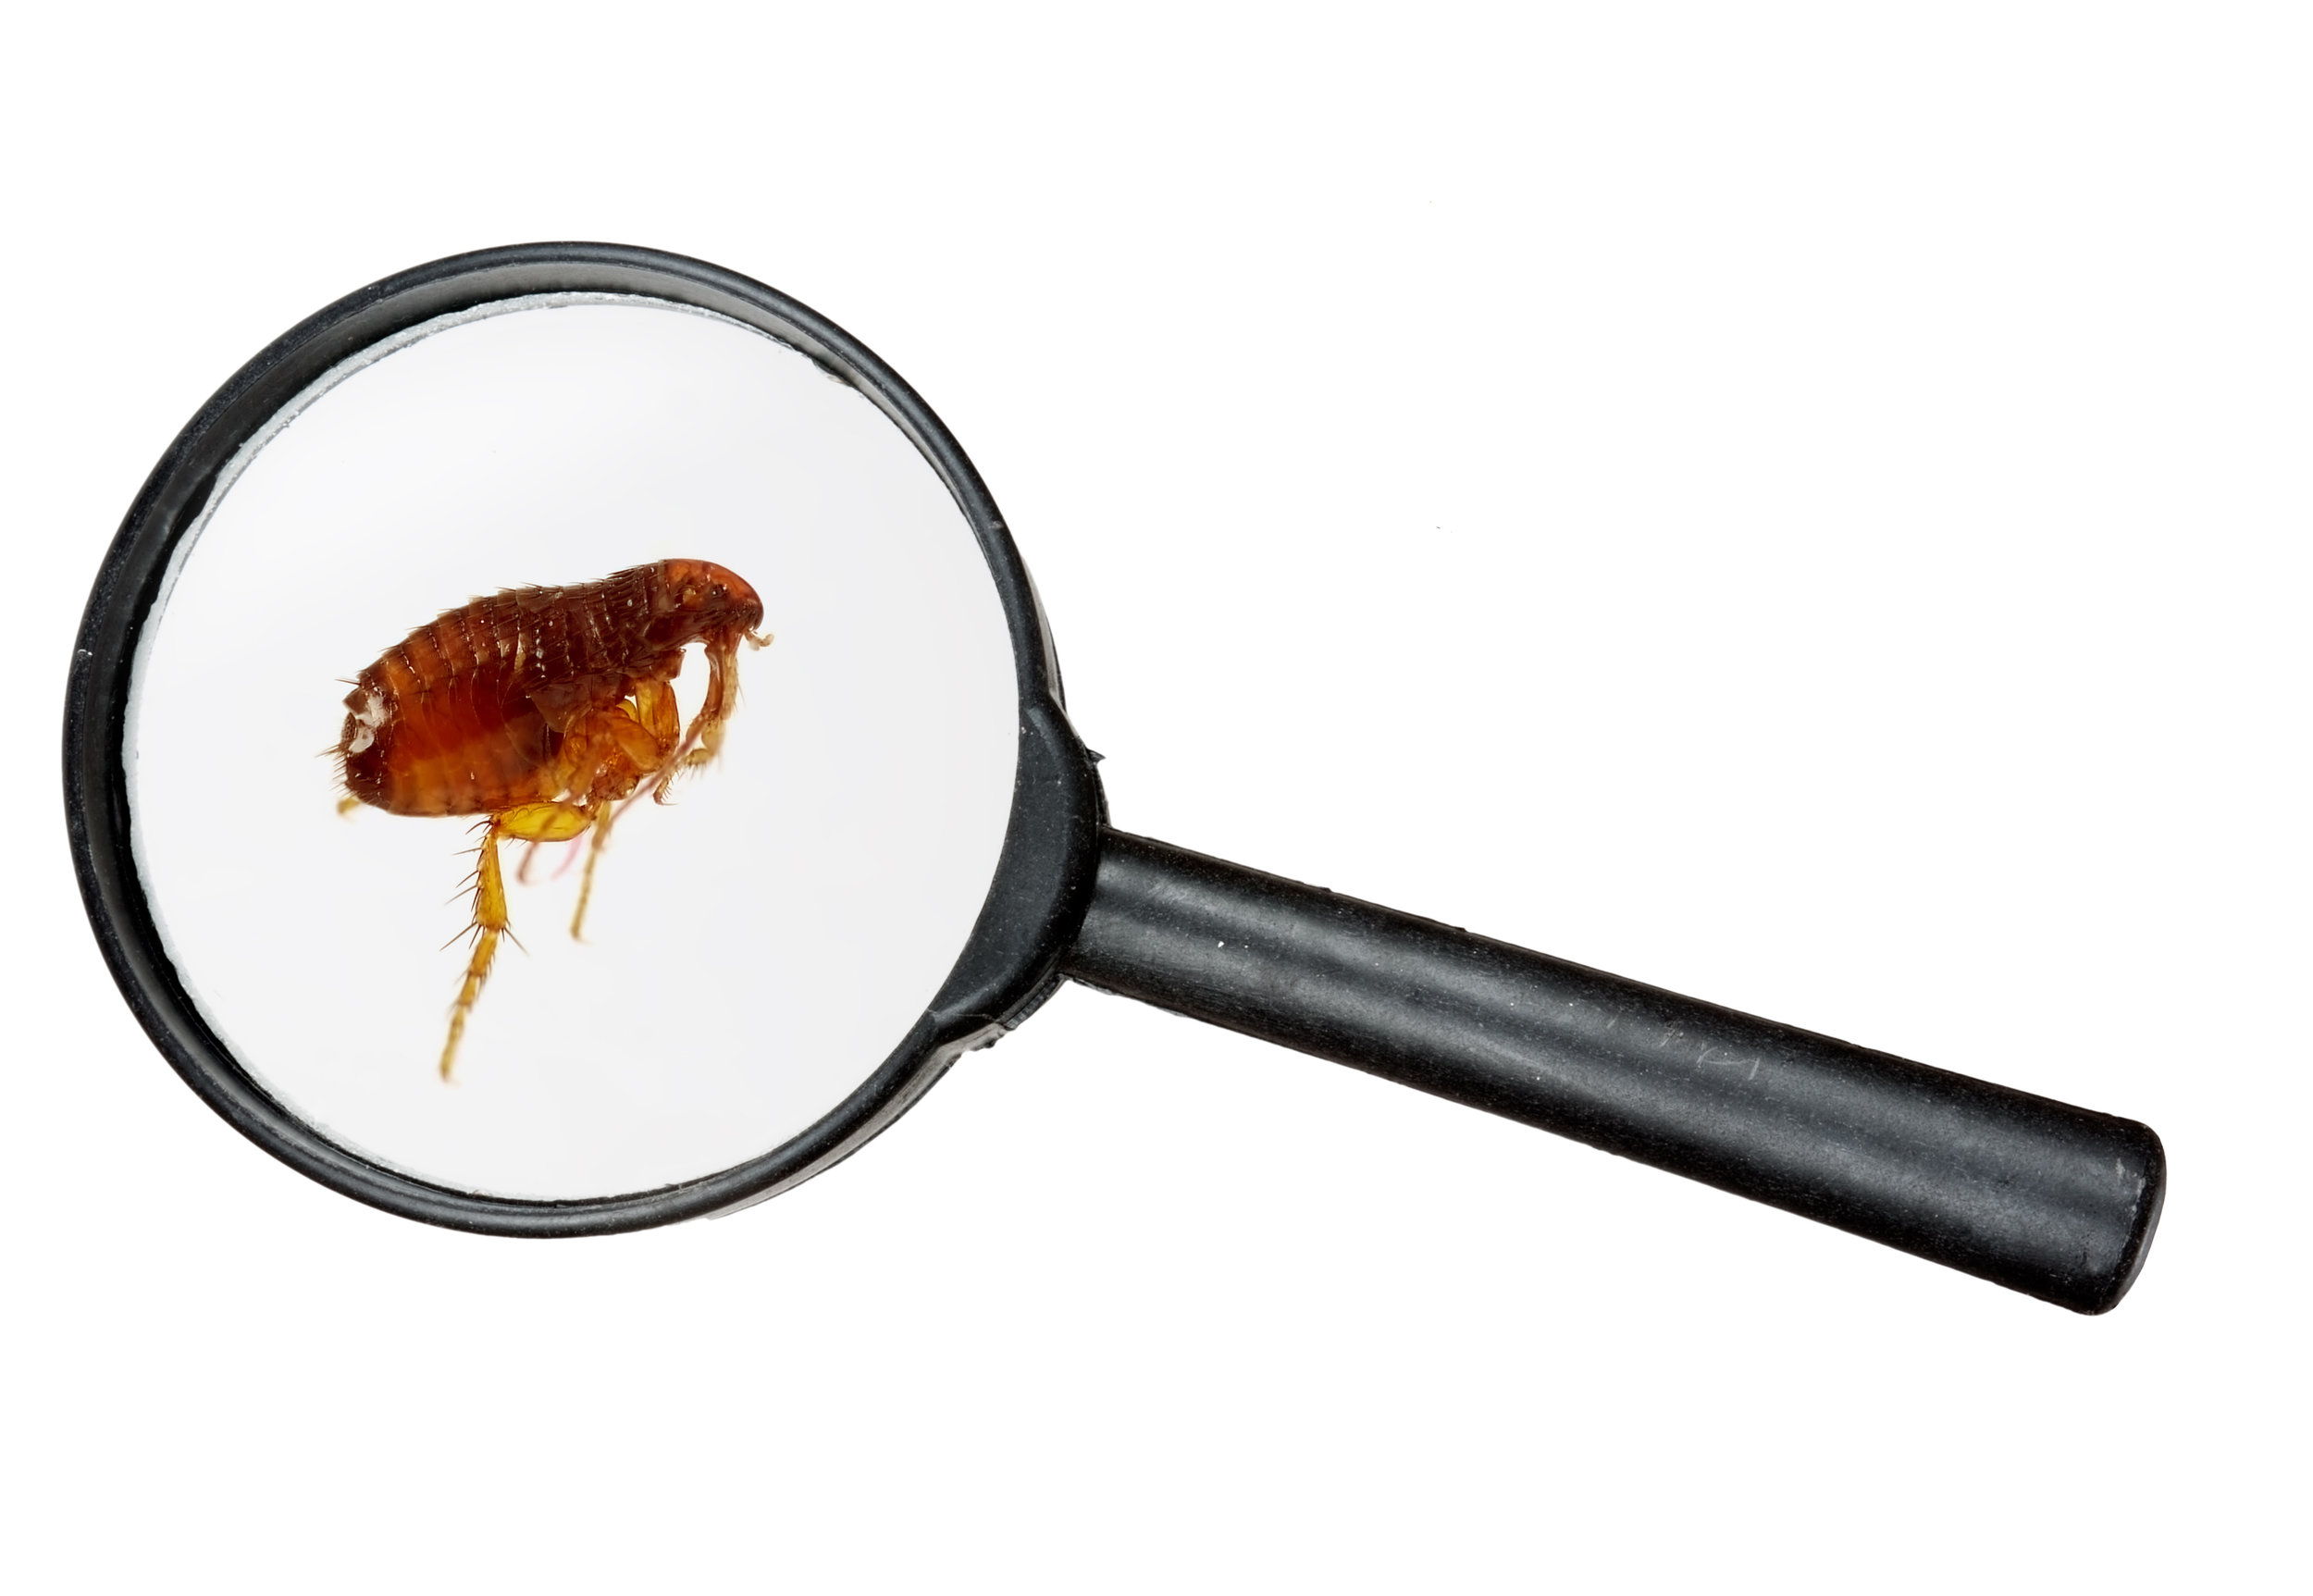 flea.jpeg